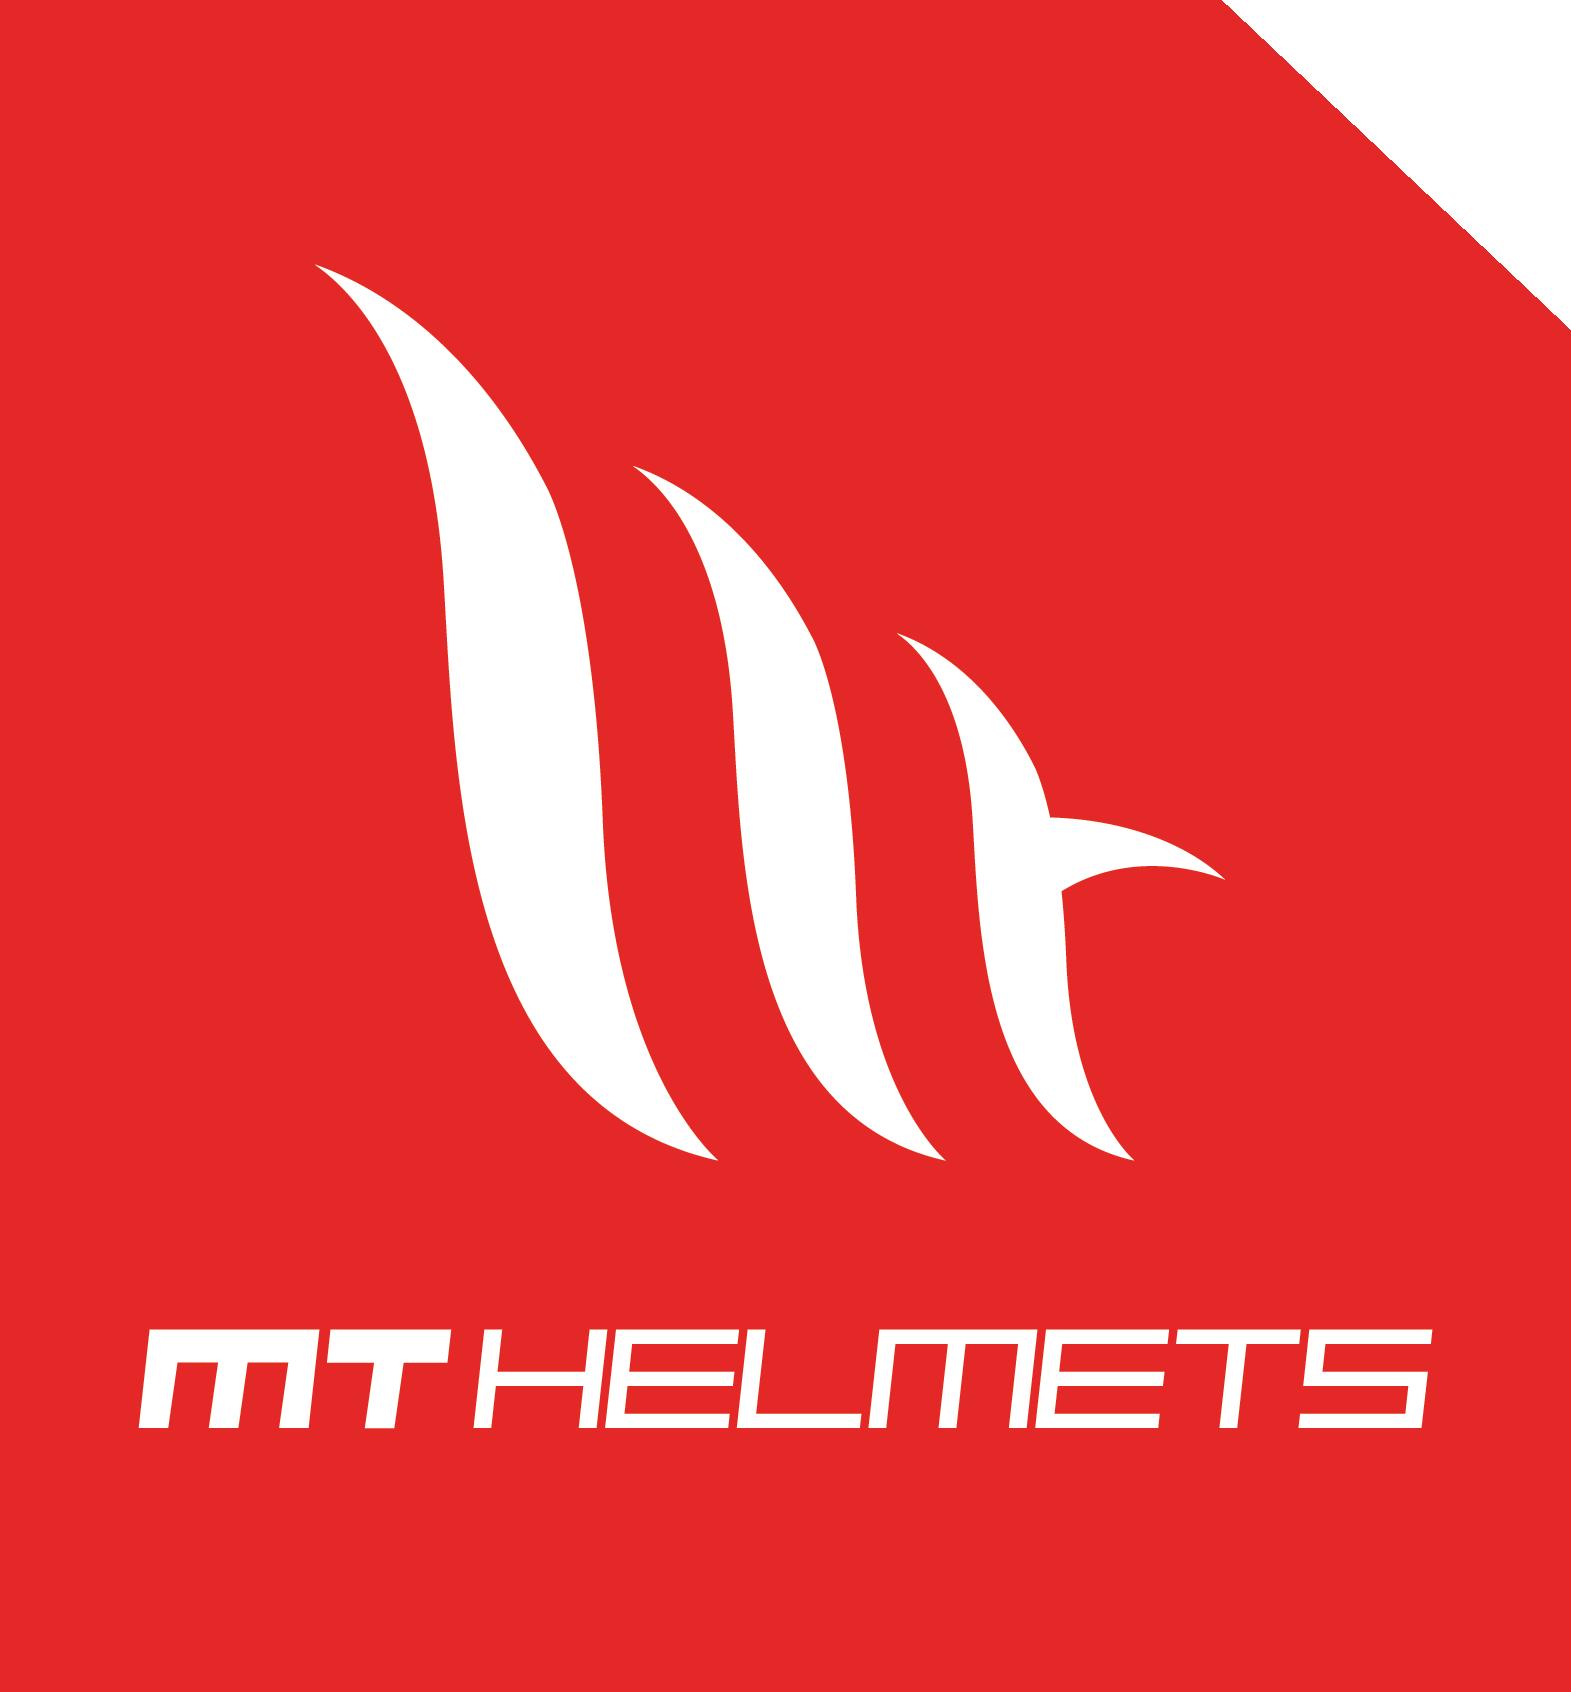 MT Helmerts